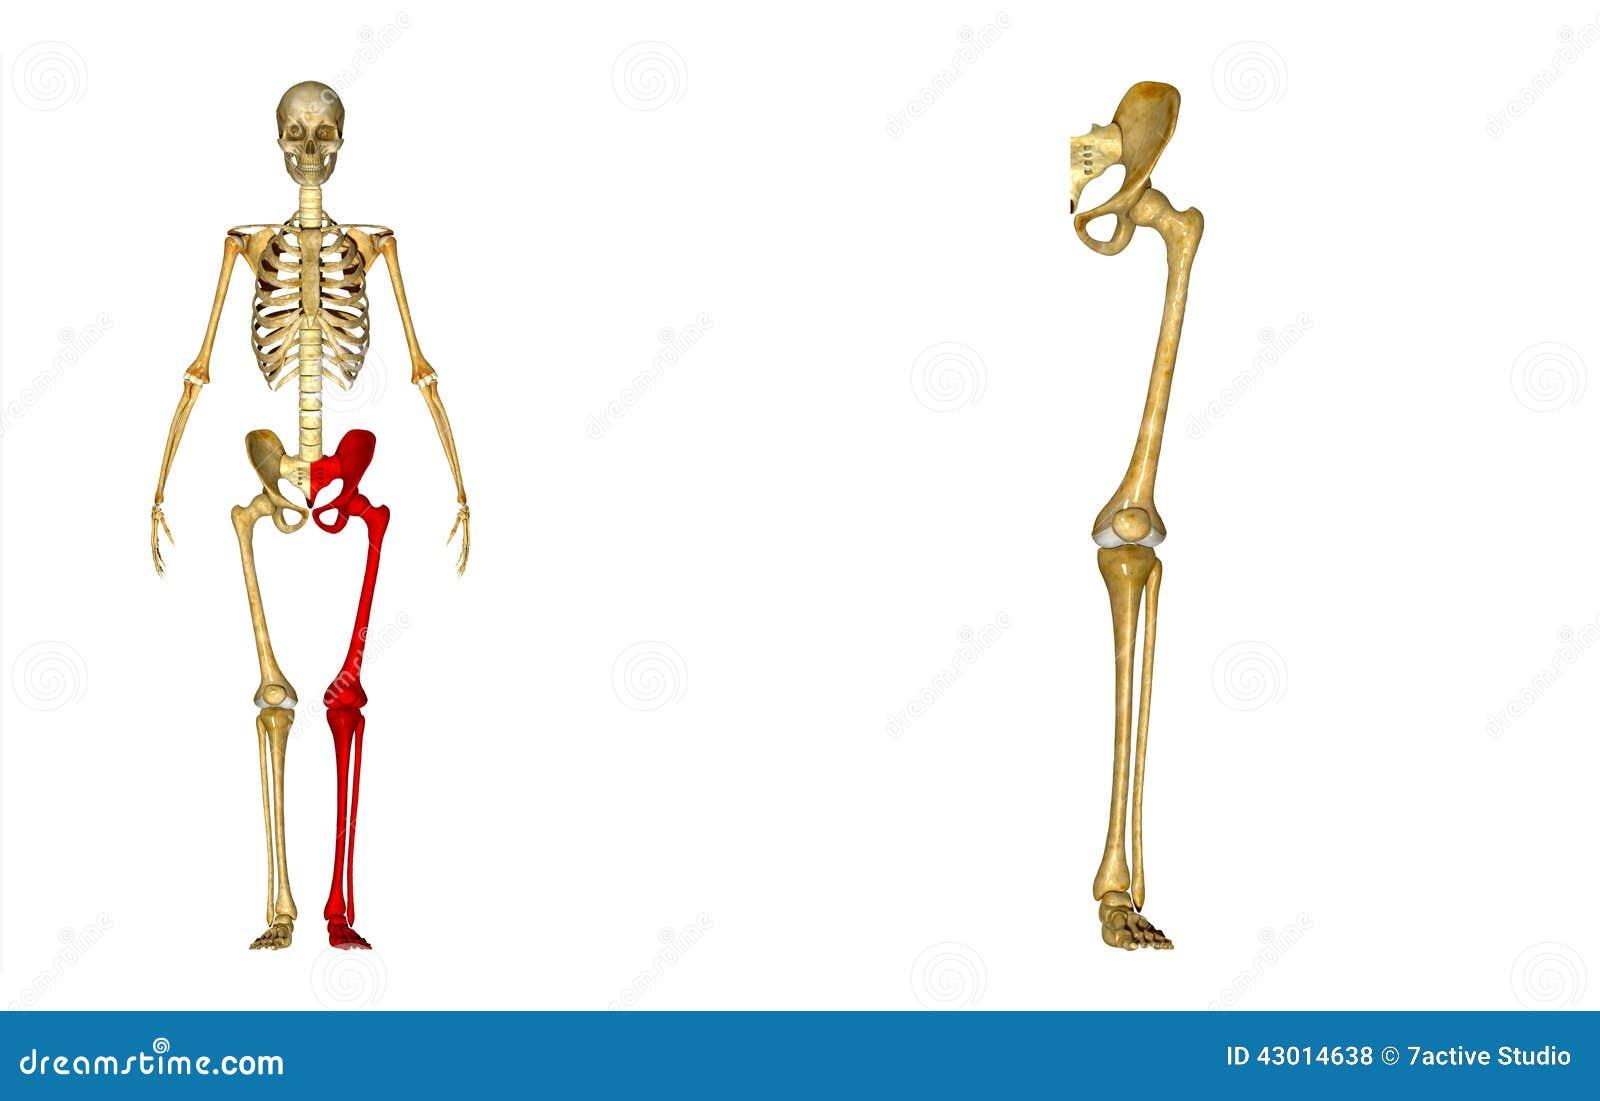 Skelett: Linke Beinknochen: Hüften-, Schenkelbein-, Schienbein ...